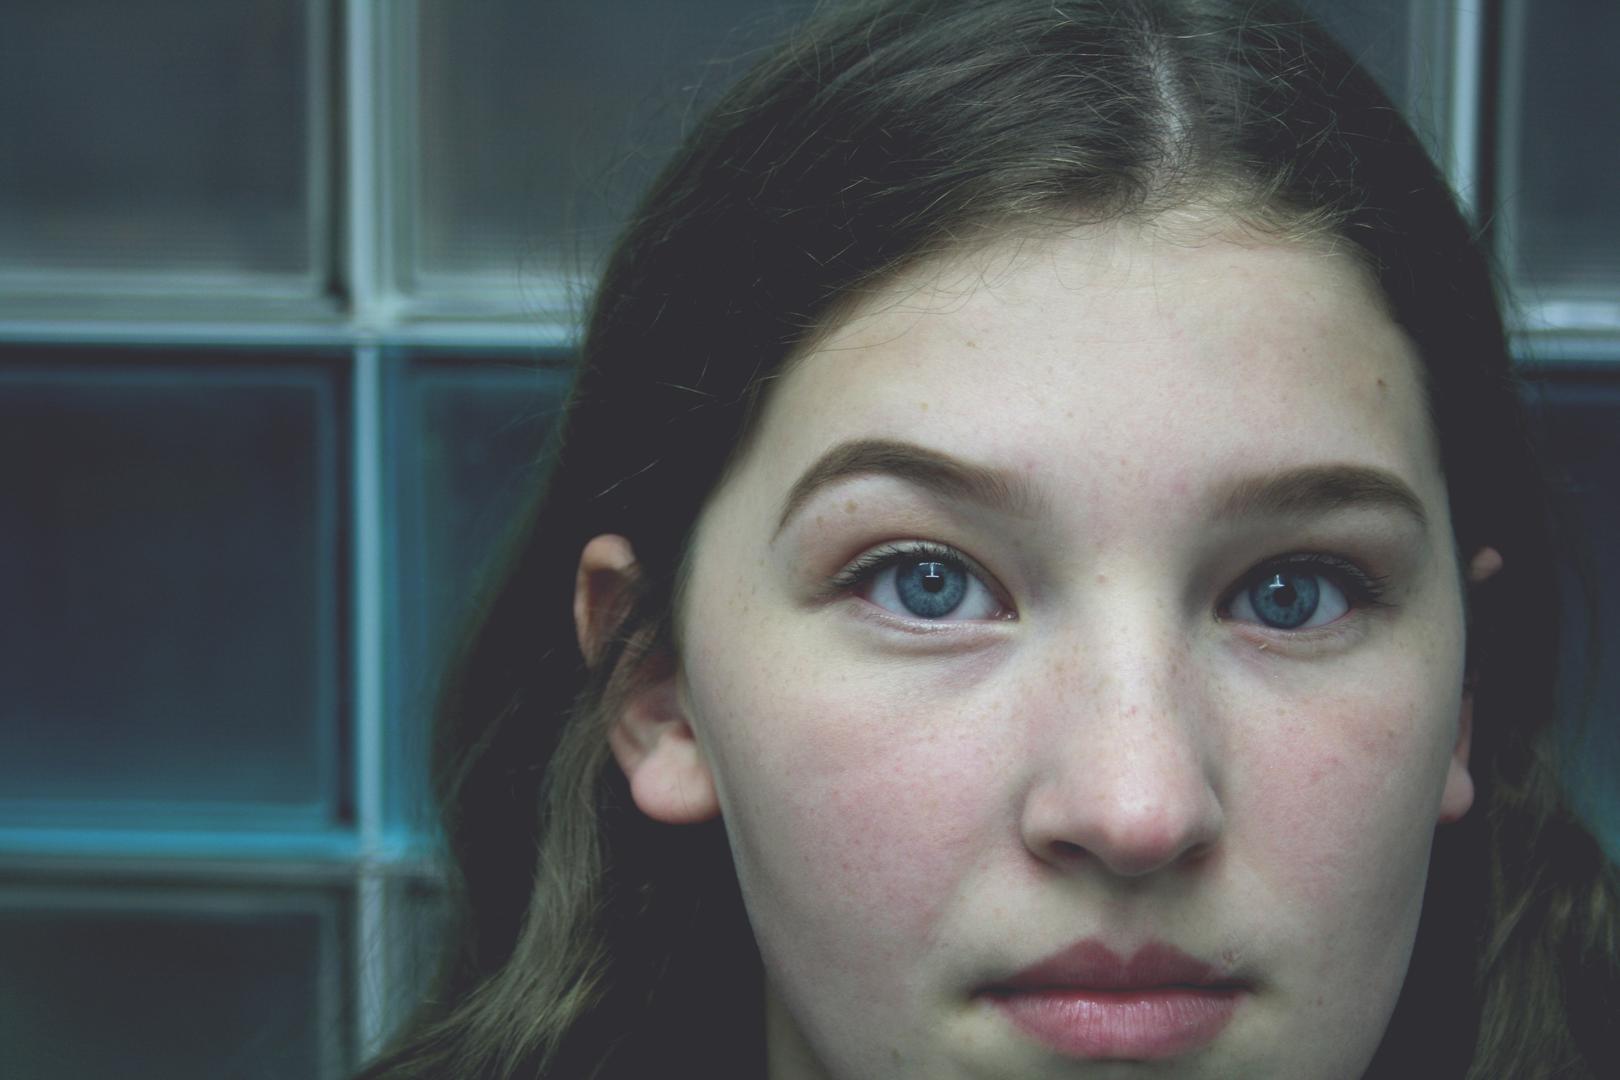 Young girl wearing a prosthetic eye